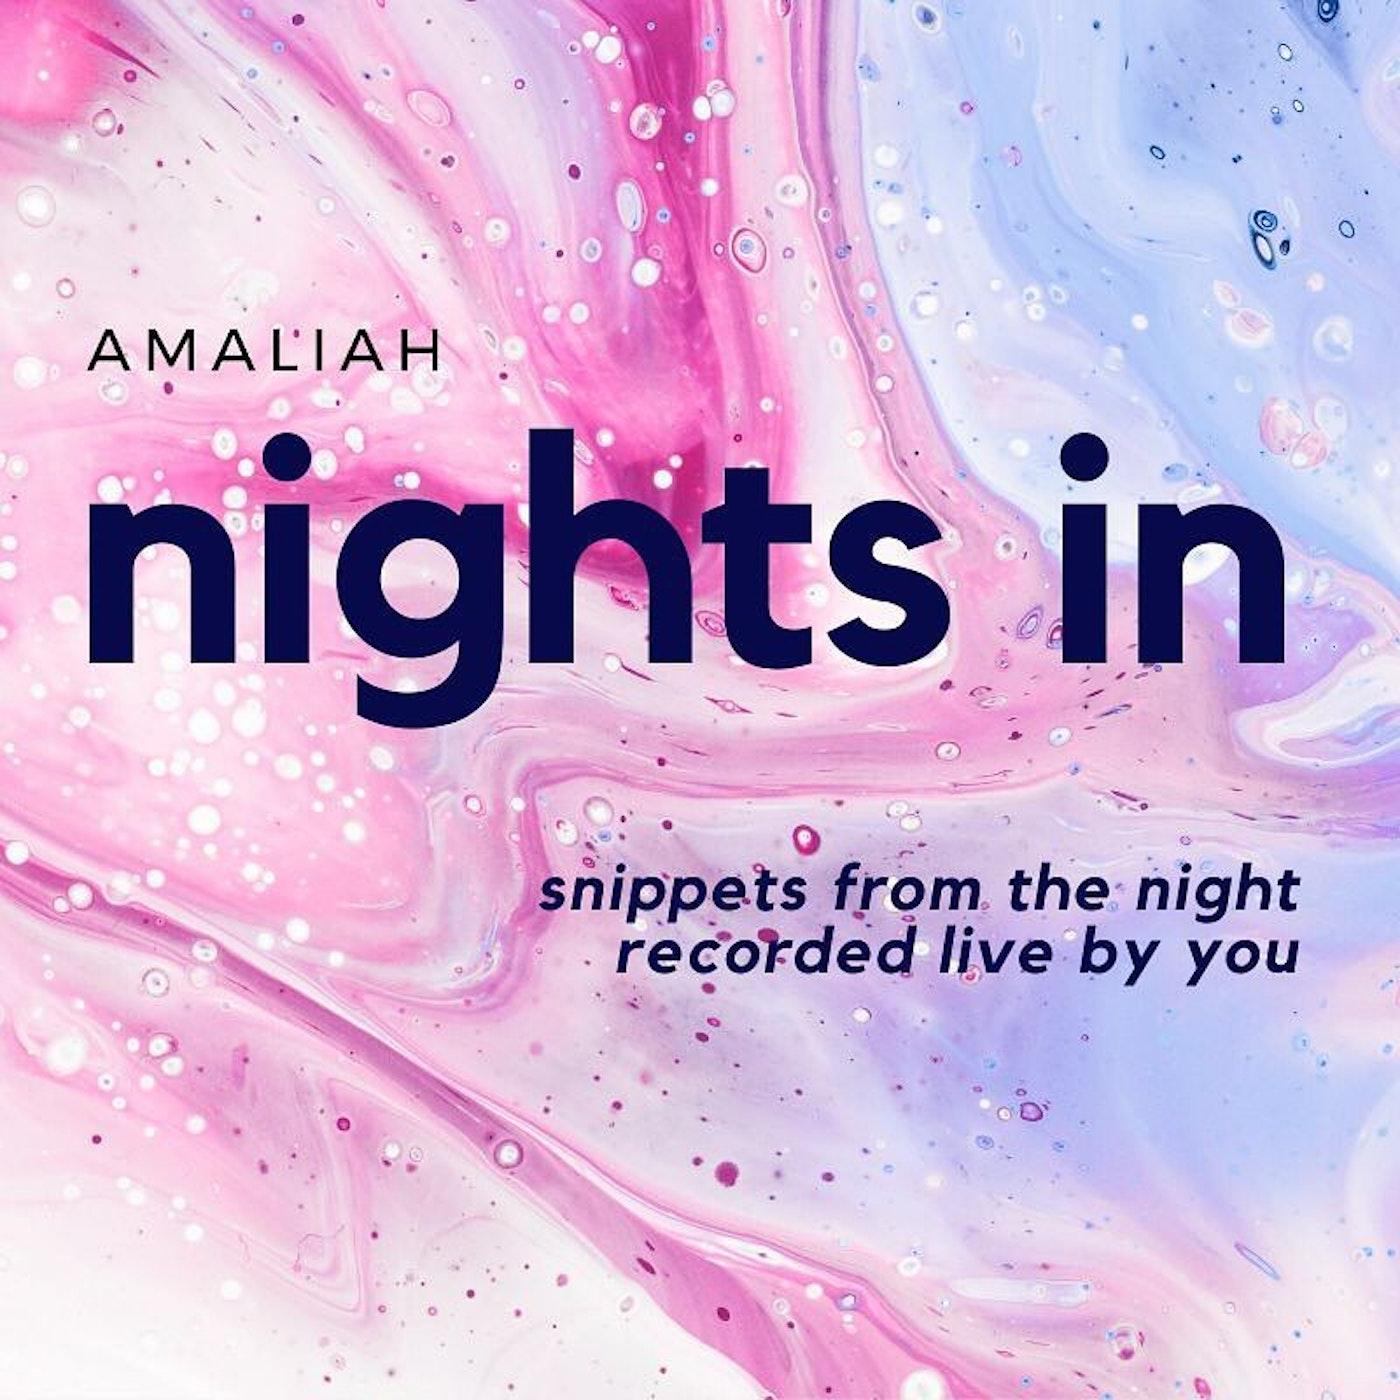 nightsinpodcast